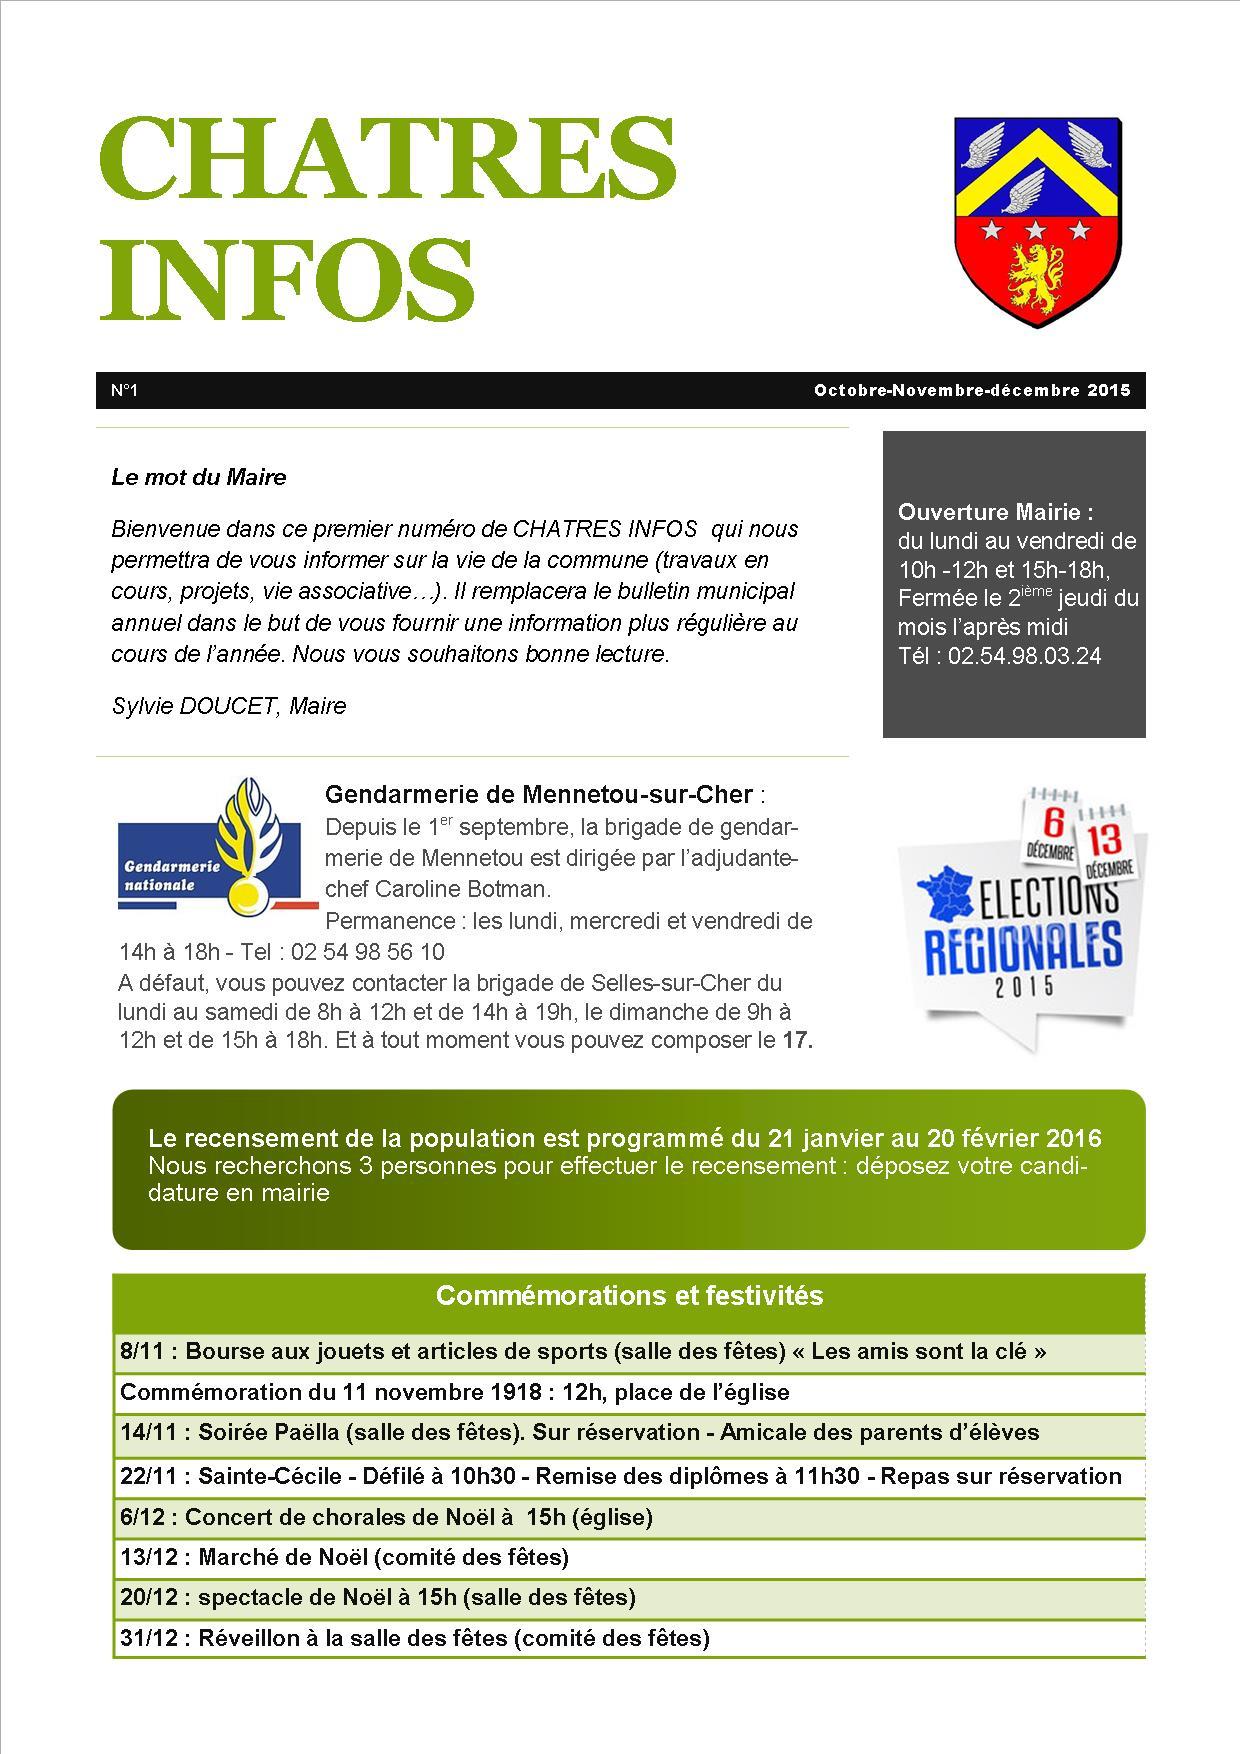 chatres-infos-1